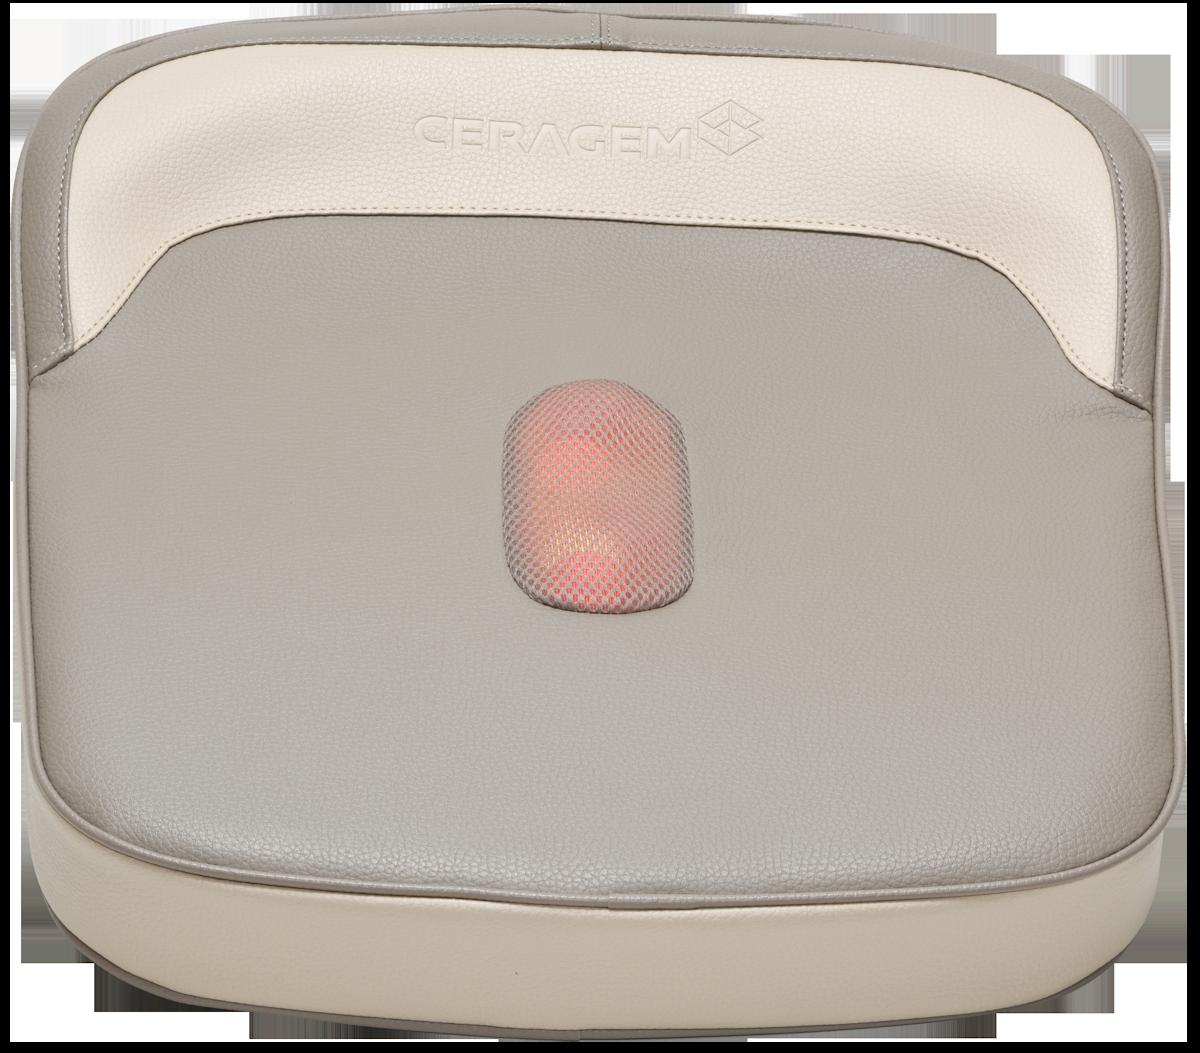 温熱式指圧代用器コンパクトP590専用 局部用スペシャルマット